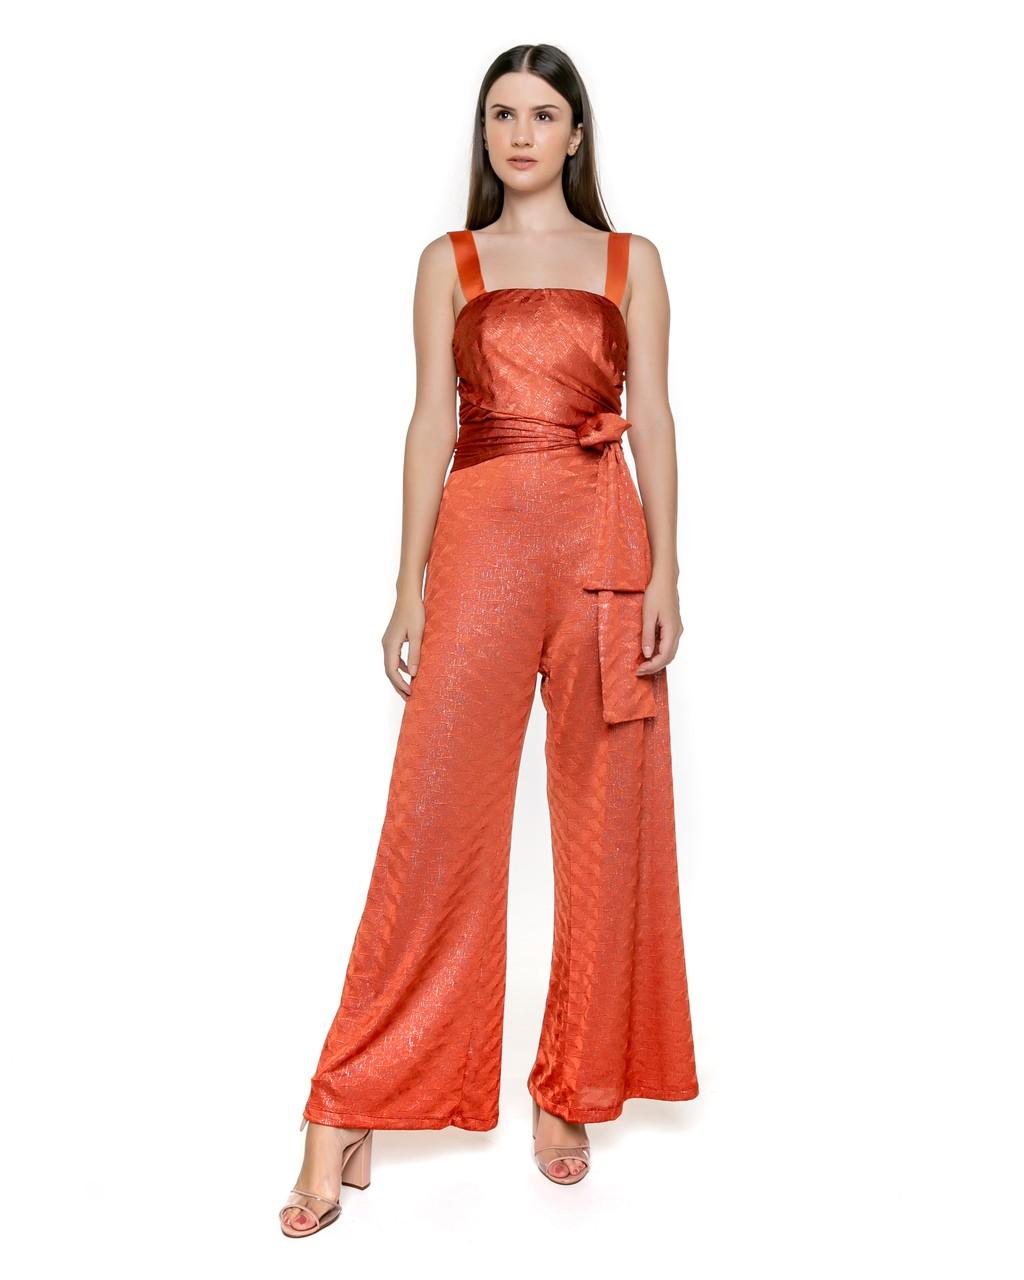 Macacão Pantalona em Tricot Metalizado